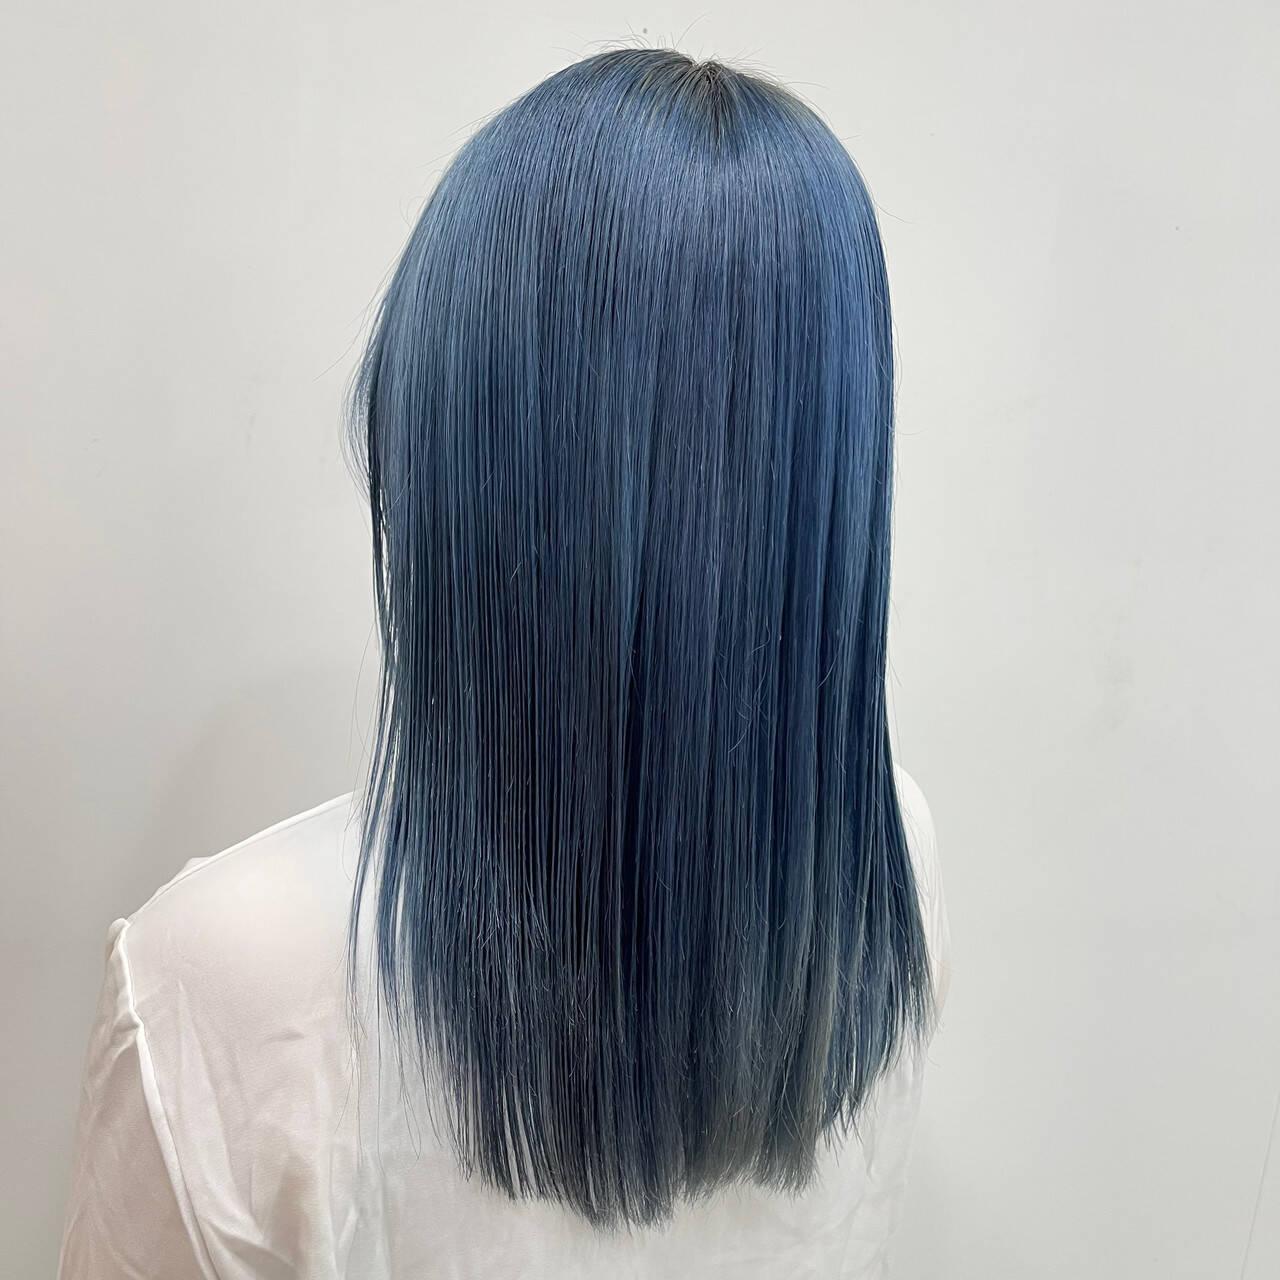 ストリート 韓国 ハイトーン ブリーチヘアスタイルや髪型の写真・画像